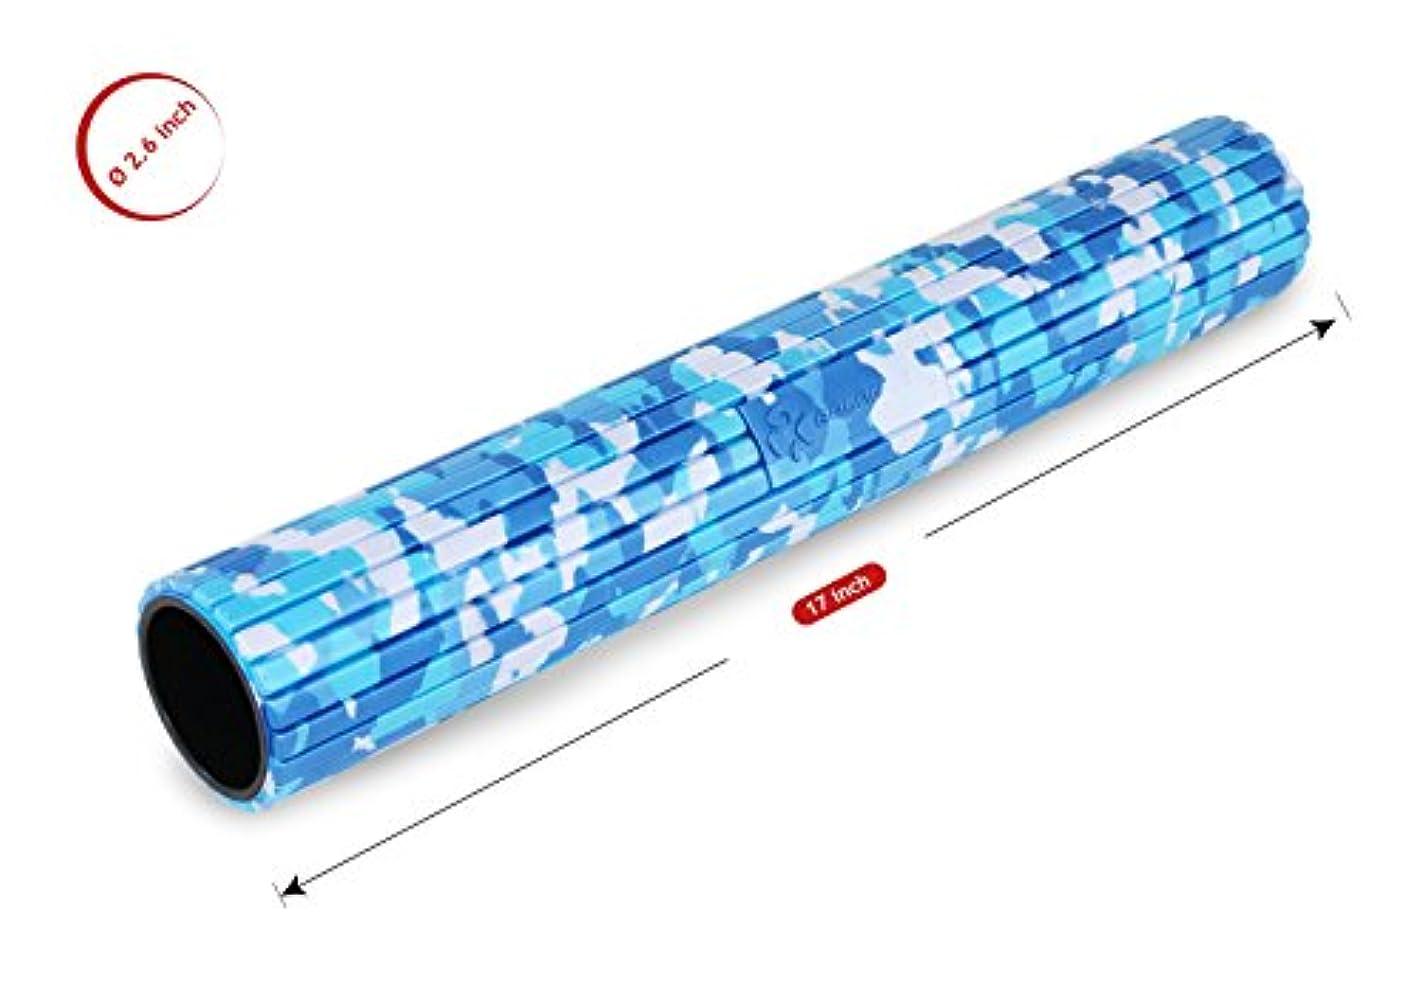 言語雑品プロフィールバランスワン 筋膜リリースマイオローラー(Blue)